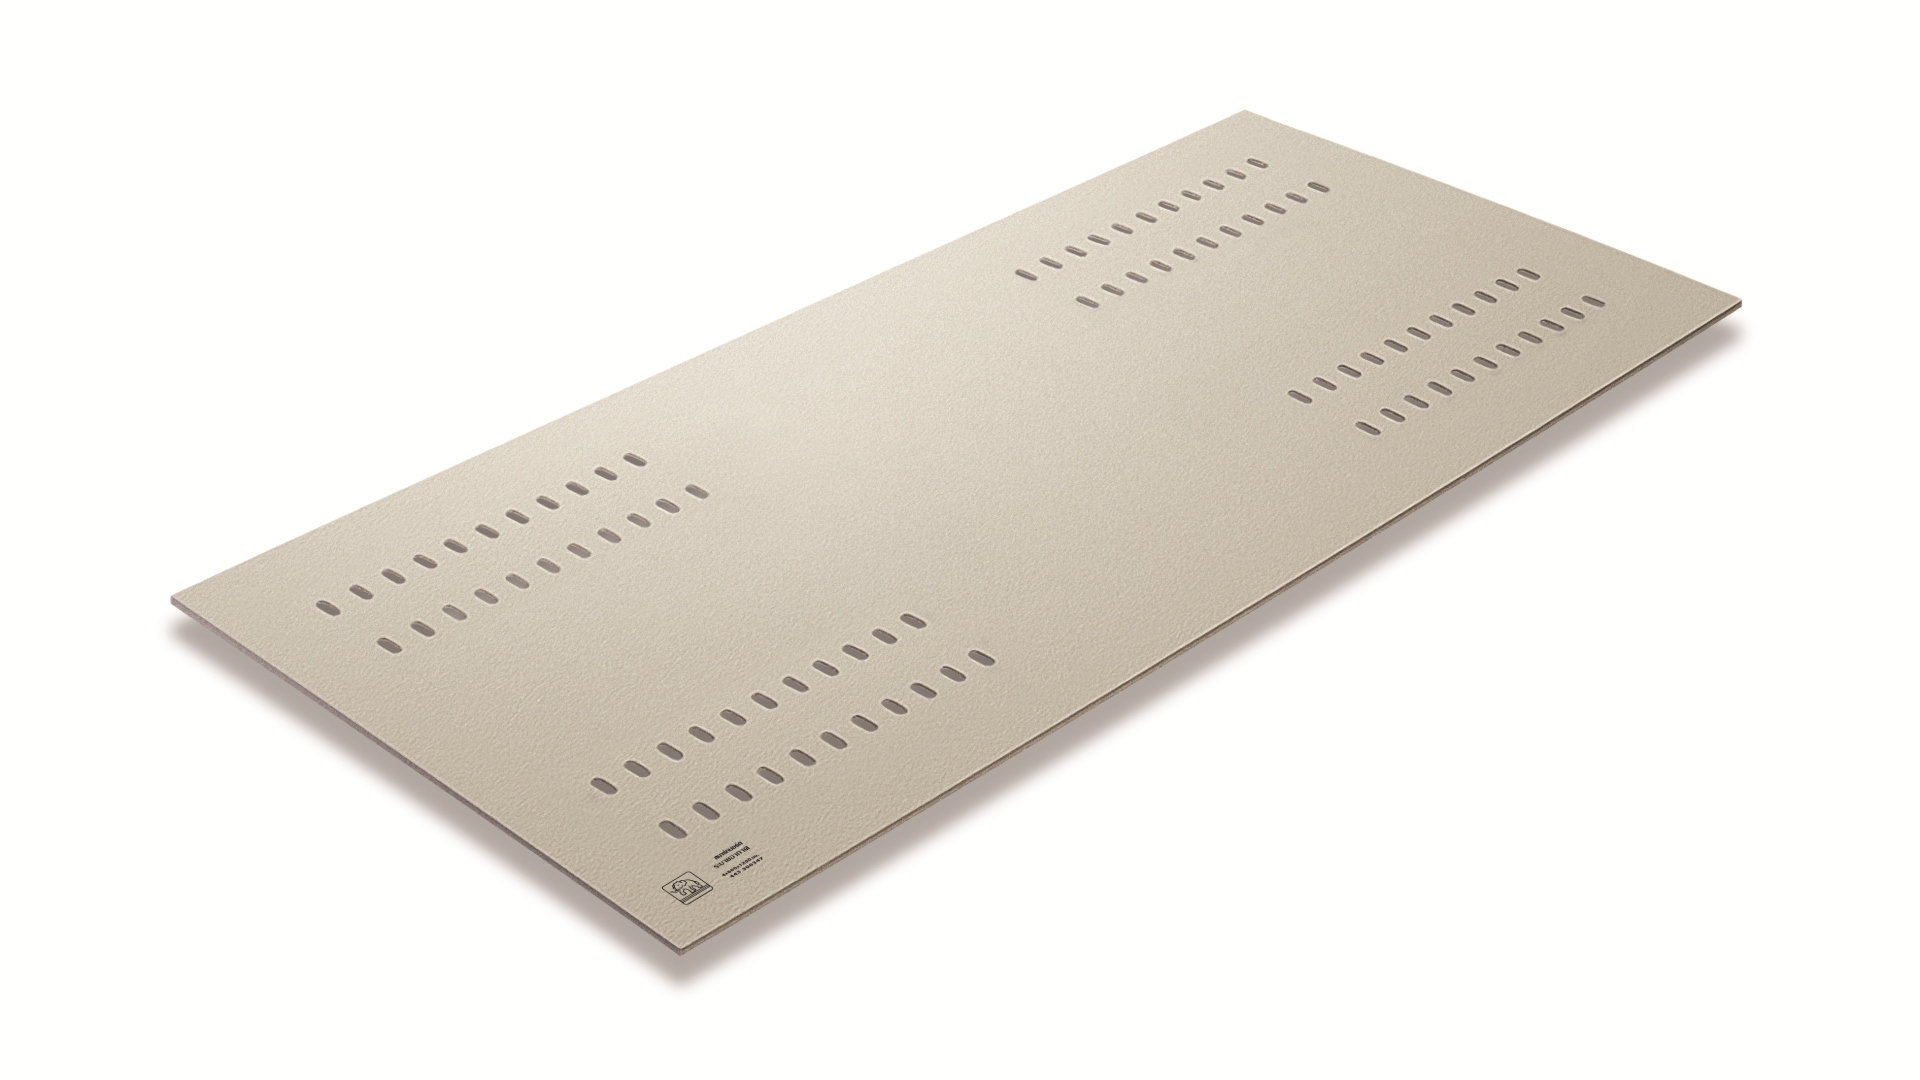 สมาร์ทบอร์ด เอสซีจี รุ่นระบายอากาศ ขนาด 60X120X0.4 ซม. สีซีเมนต์